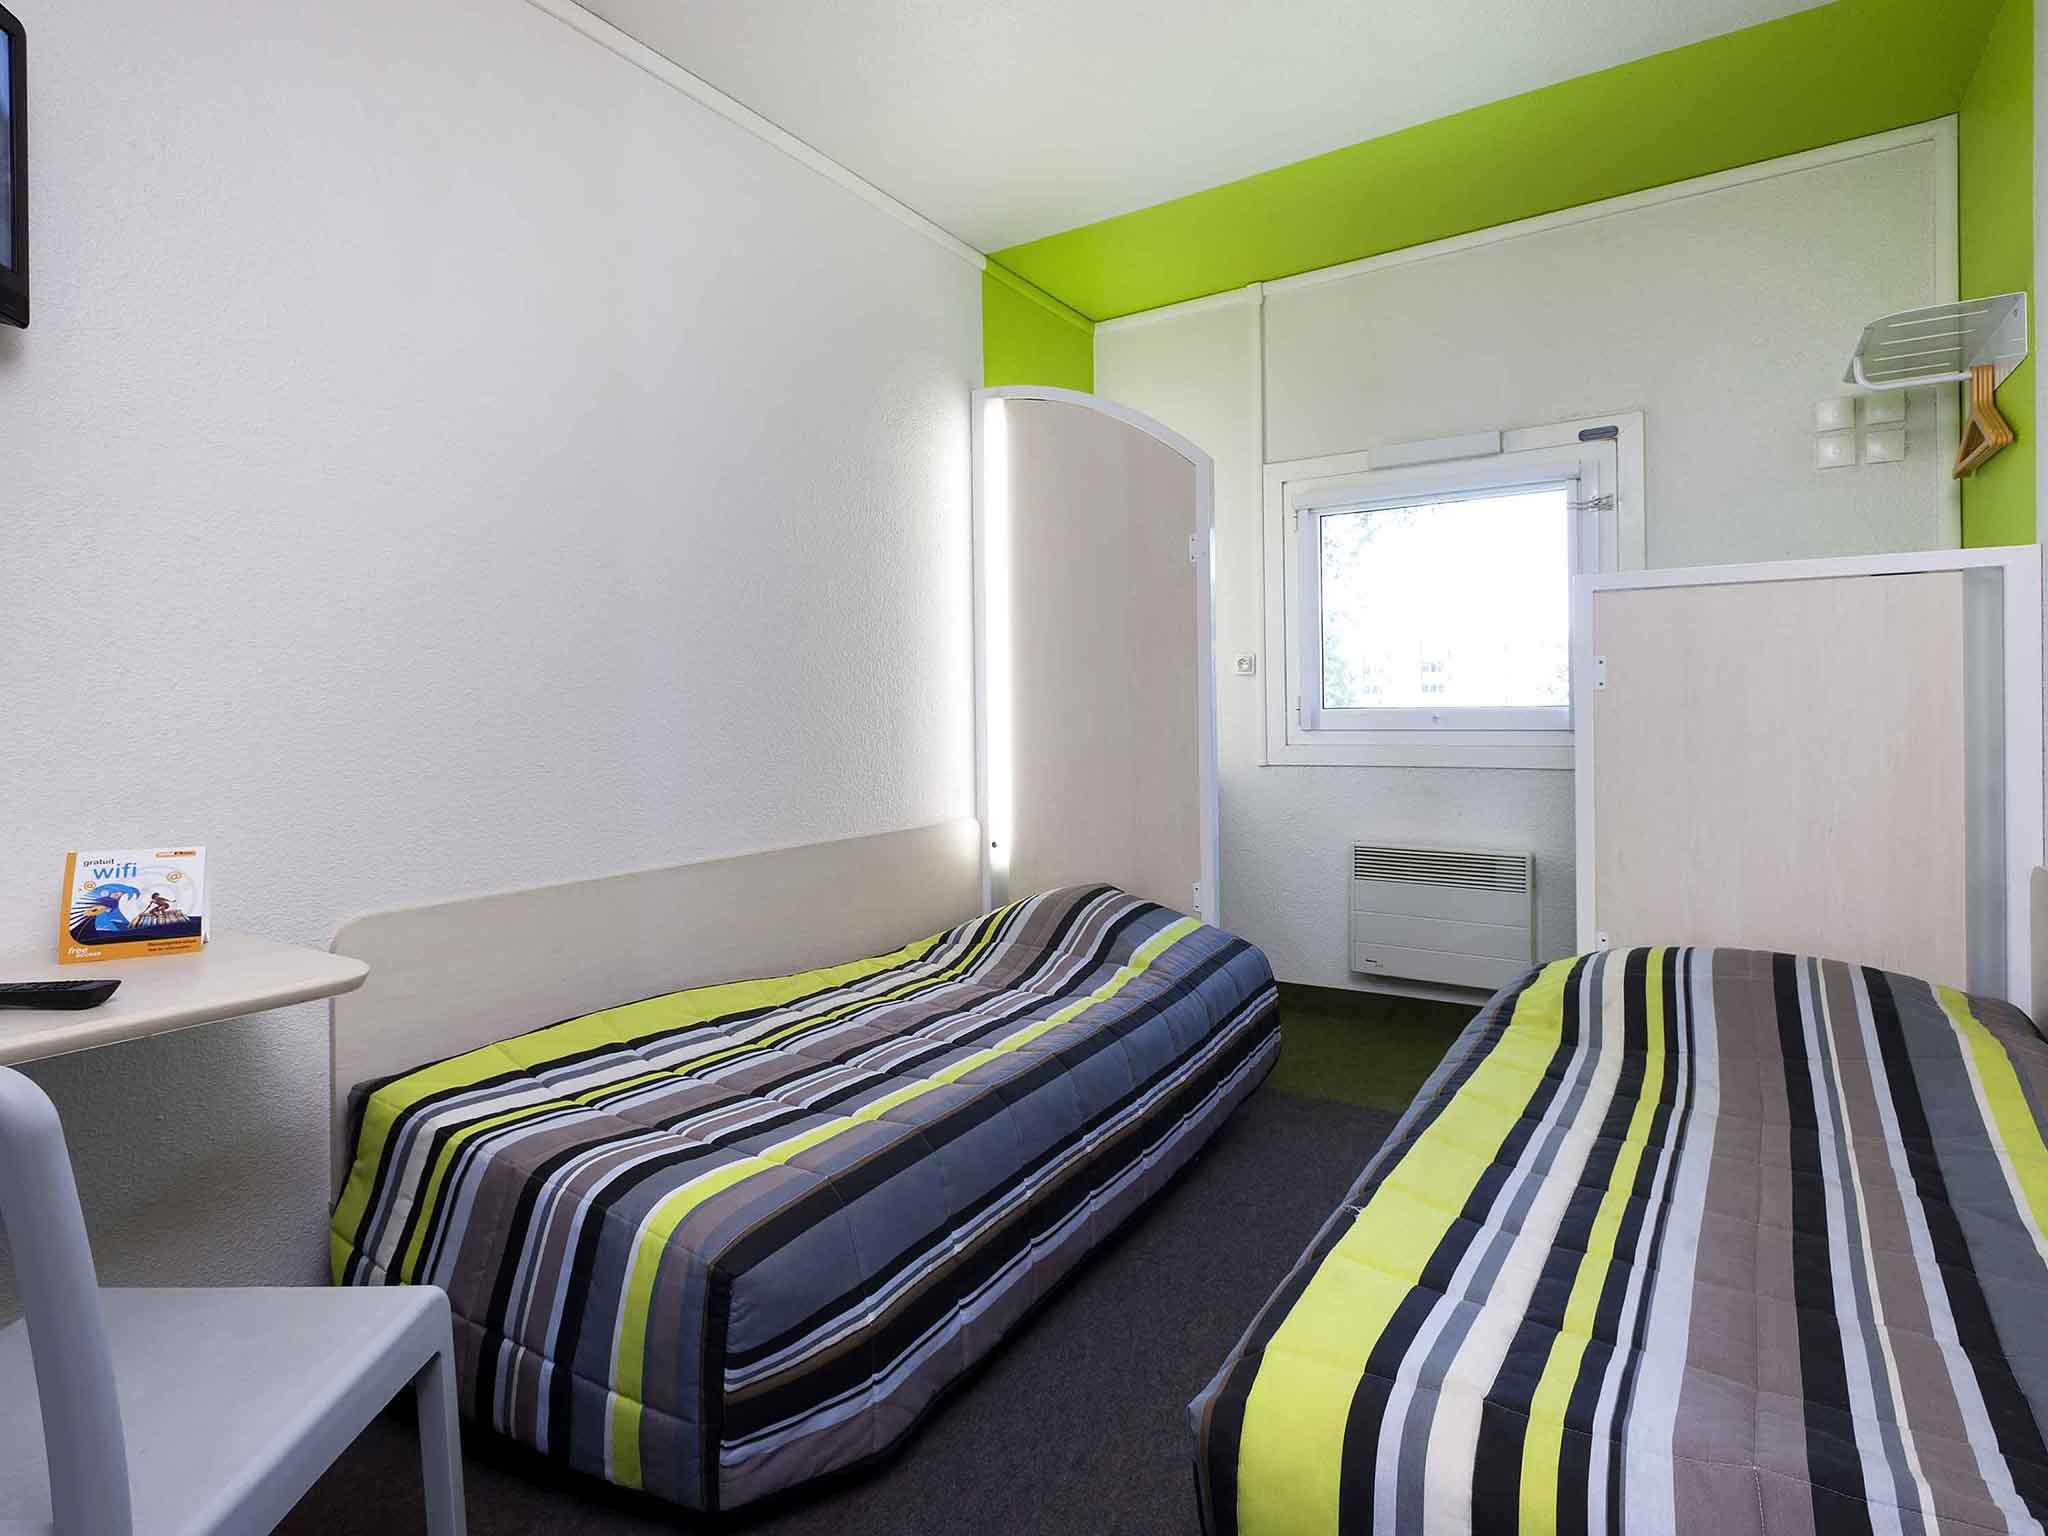 โรงแรม – hotelF1 Valenciennes Douchy-les-Mines